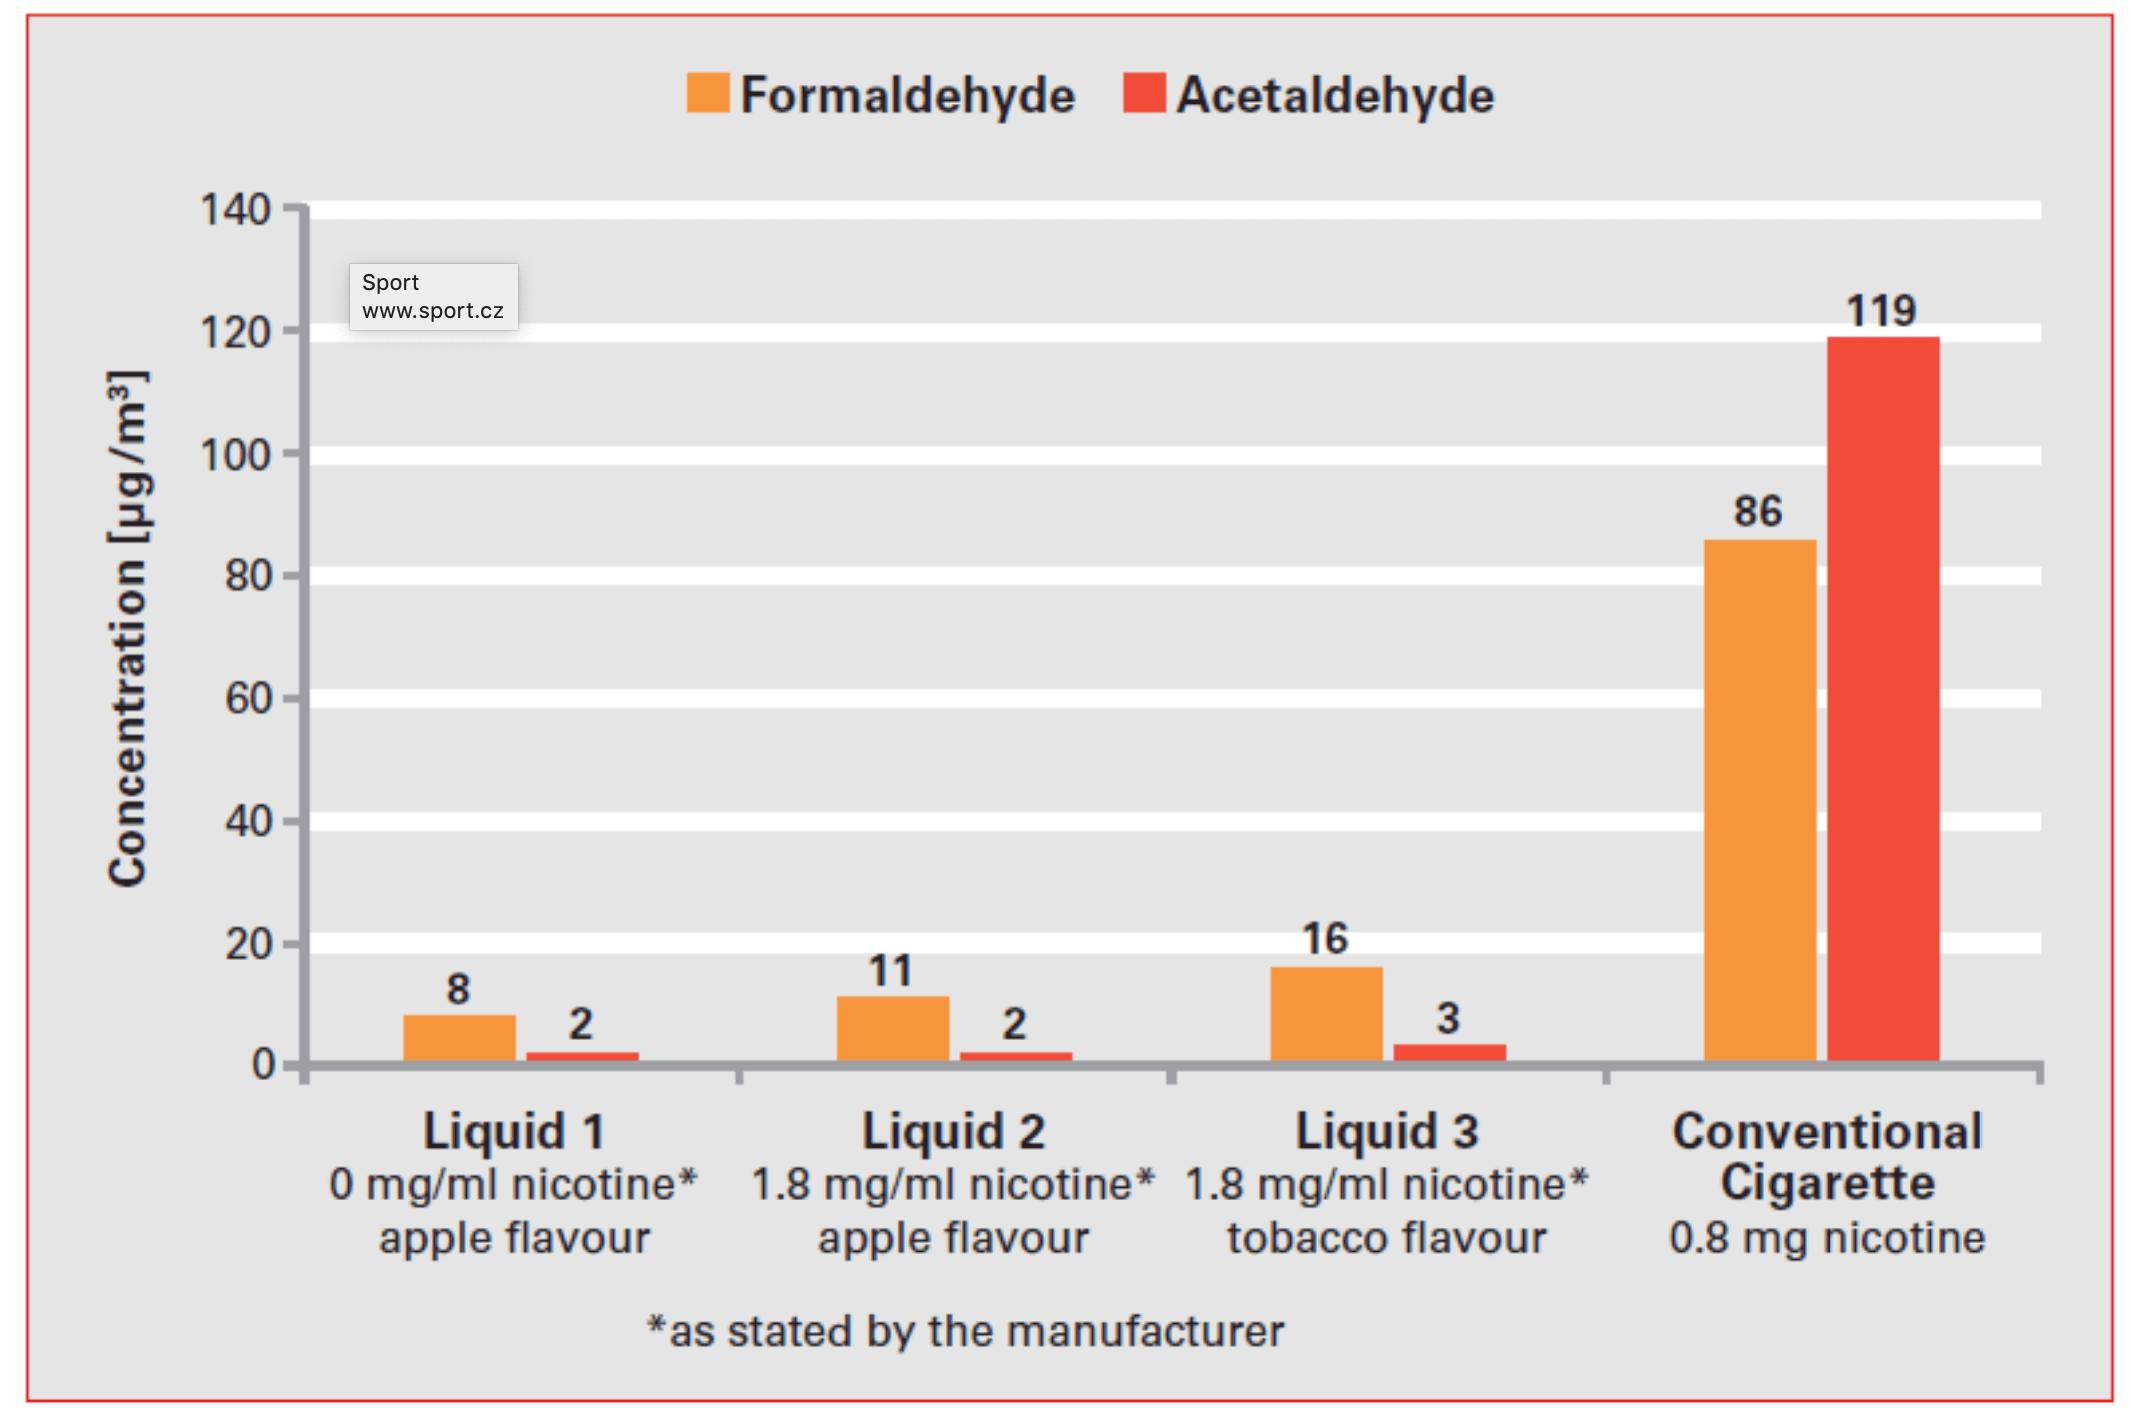 Graf 1: Koncentrace formaldehydu a acetaldehydu ve vnitřním vzduchu po použití elektronické cigarety naplněné různými e-liquidy a po klasické cigaretě.